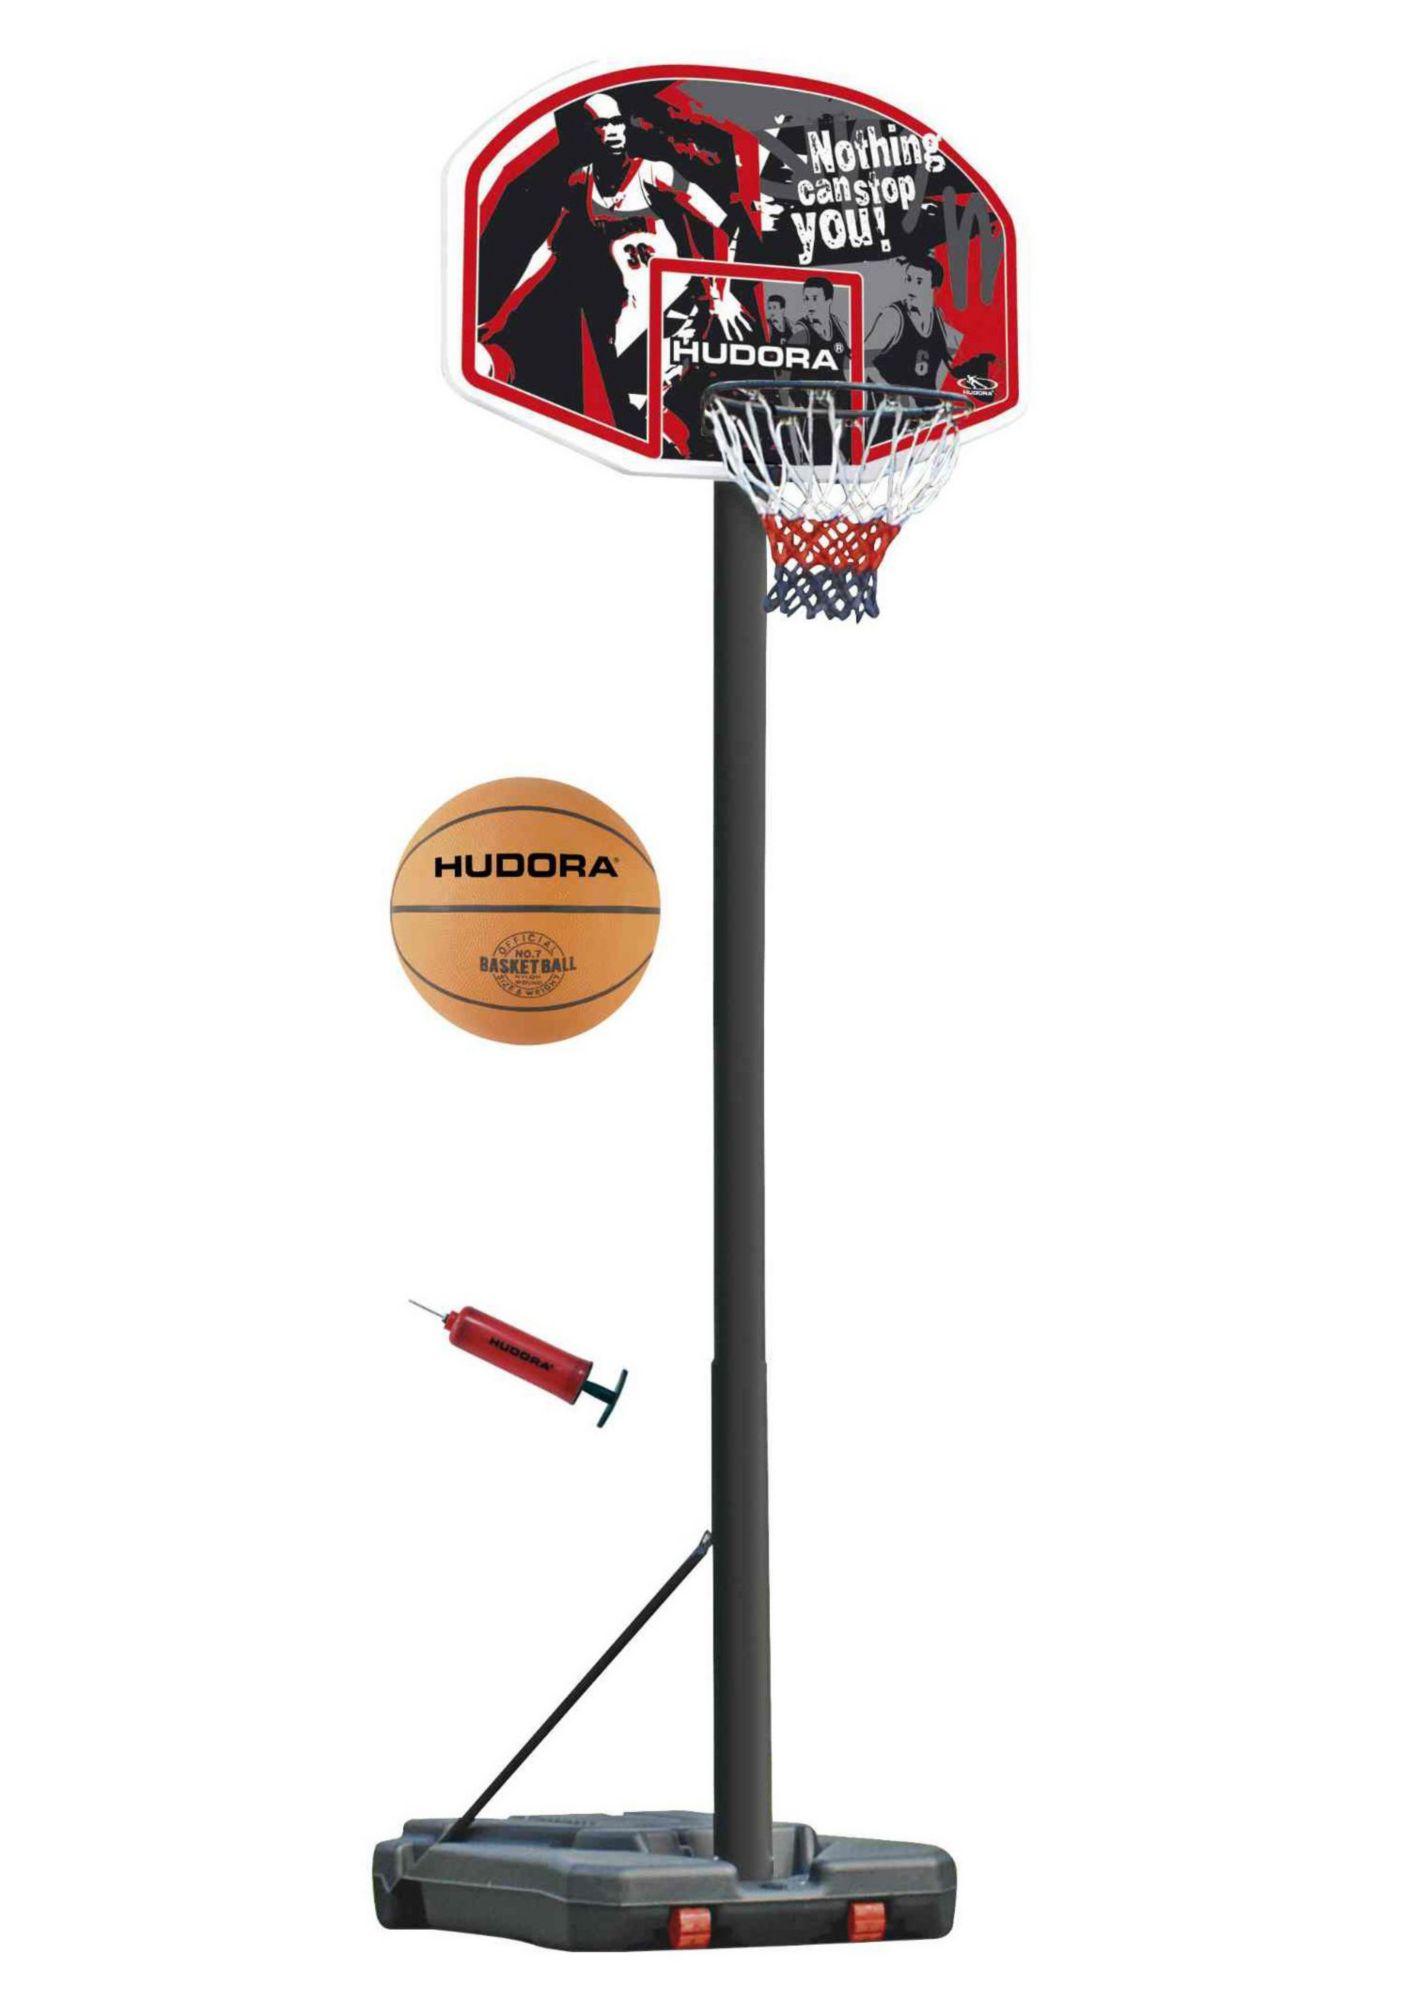 HUDORA Basketballständer, Hudora, »Chicago«